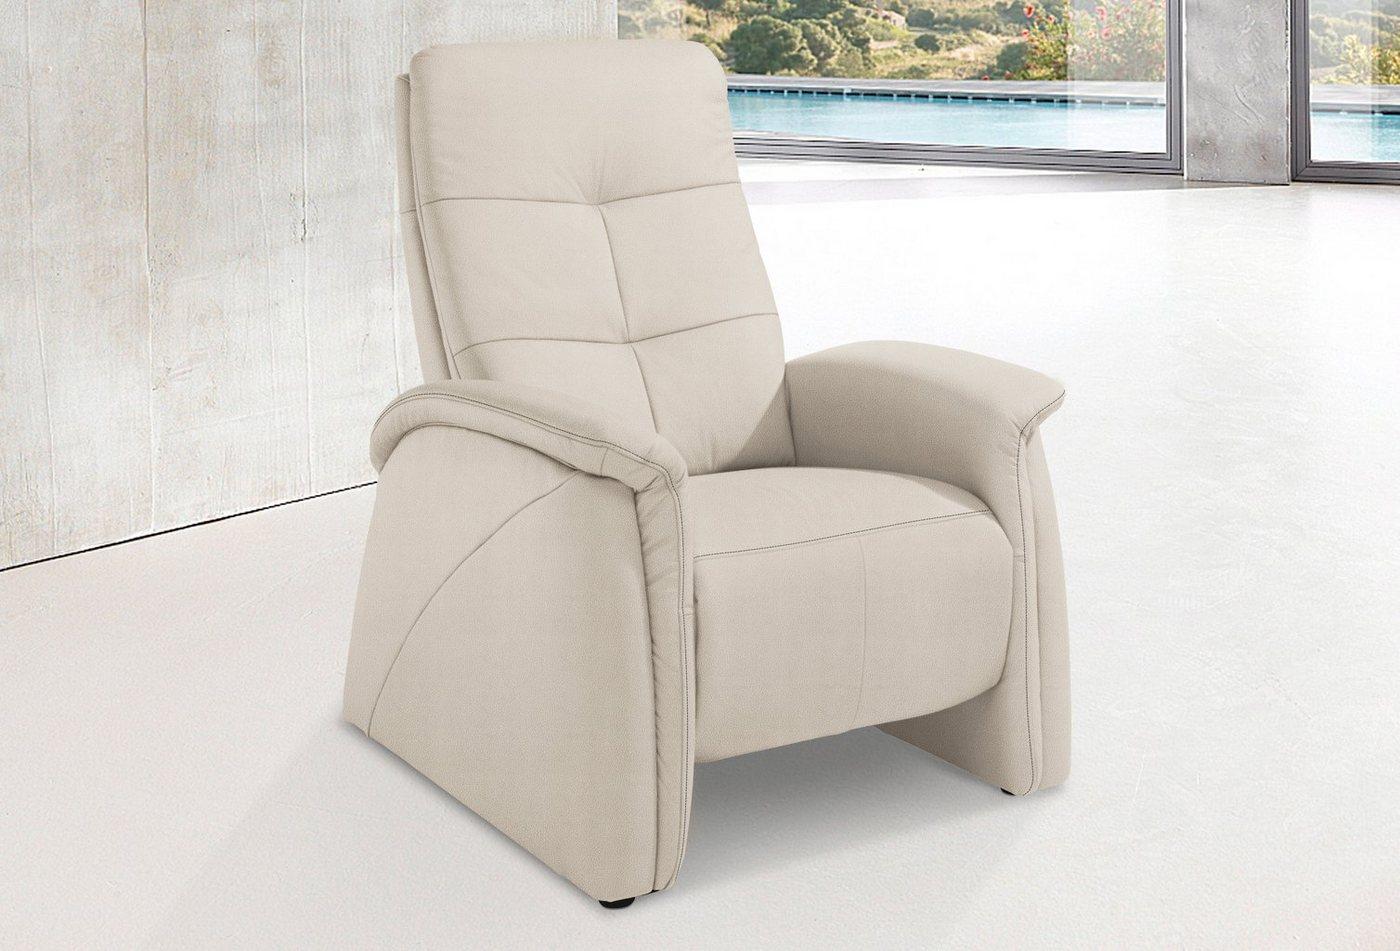 sessel mit relaxfunktion sonstige preisvergleiche. Black Bedroom Furniture Sets. Home Design Ideas